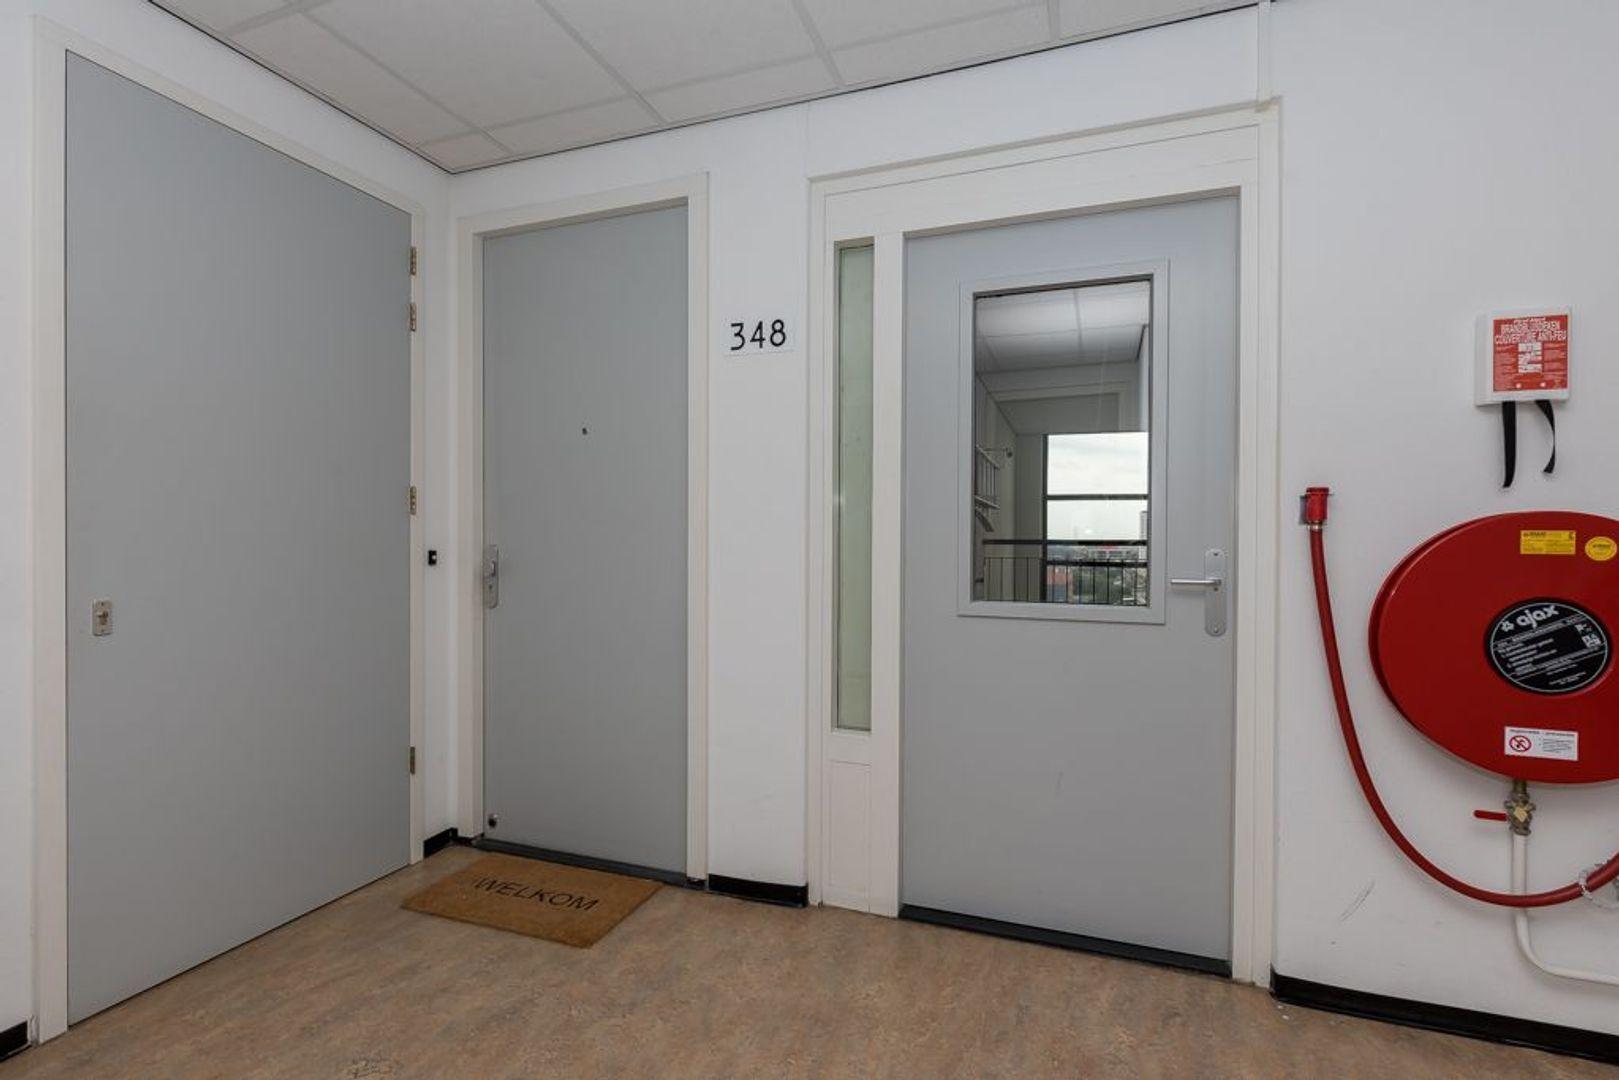 Hazerswoudestraat 348, Zoetermeer foto-8